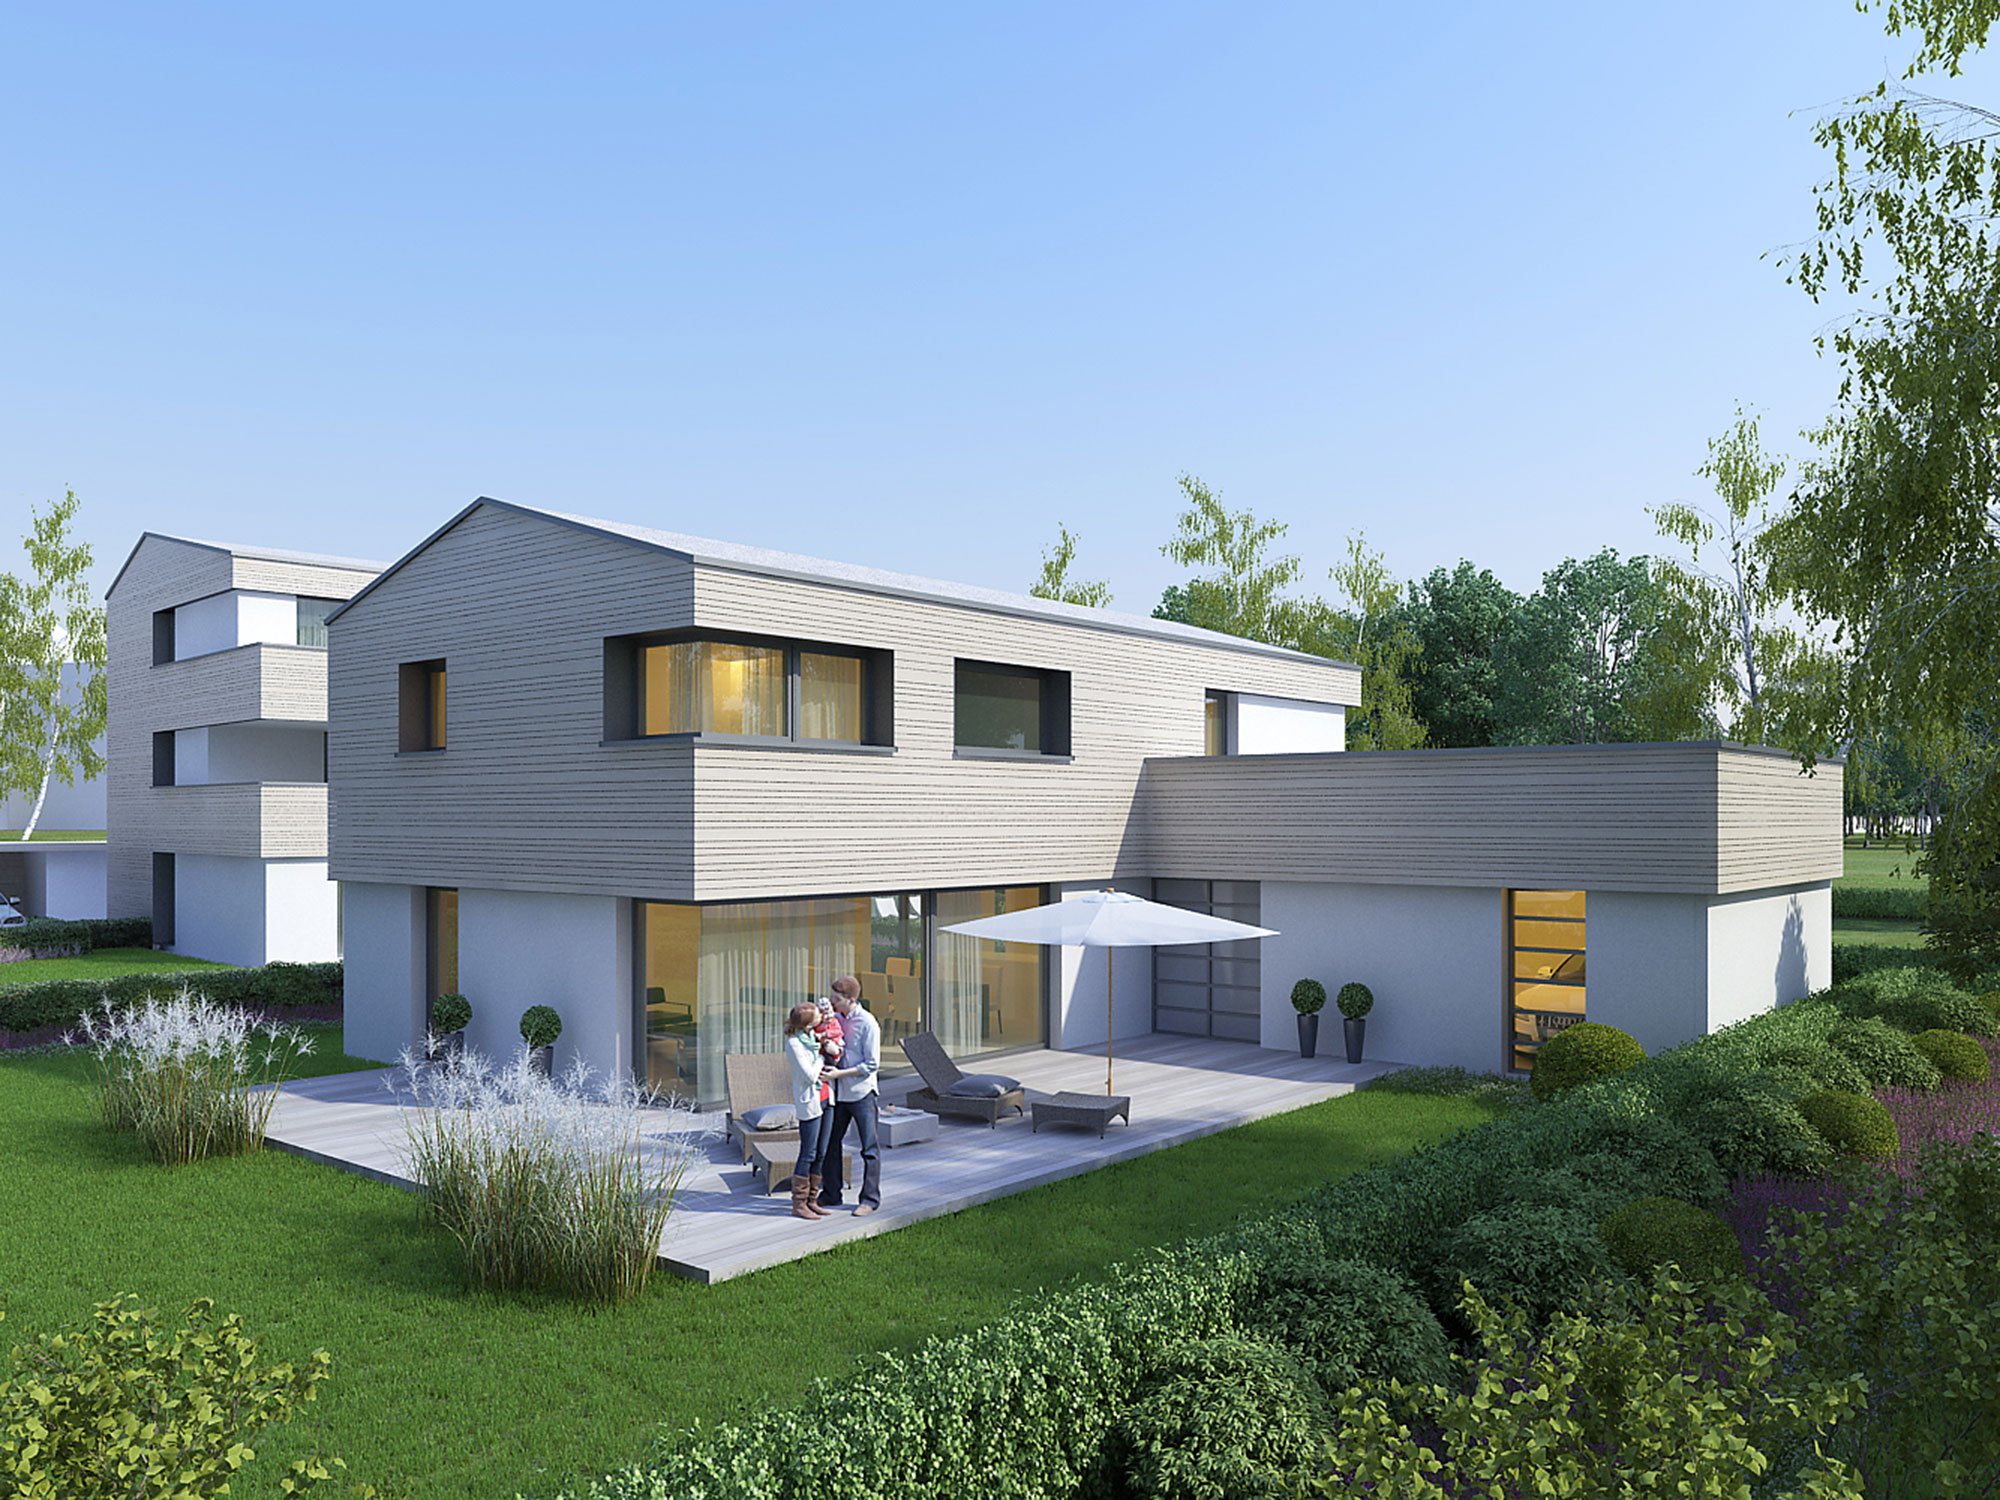 immocontec-Bauprojekt: Visualisierung eines Einfamilienhauses der Alten Weberei in Oberviechtach